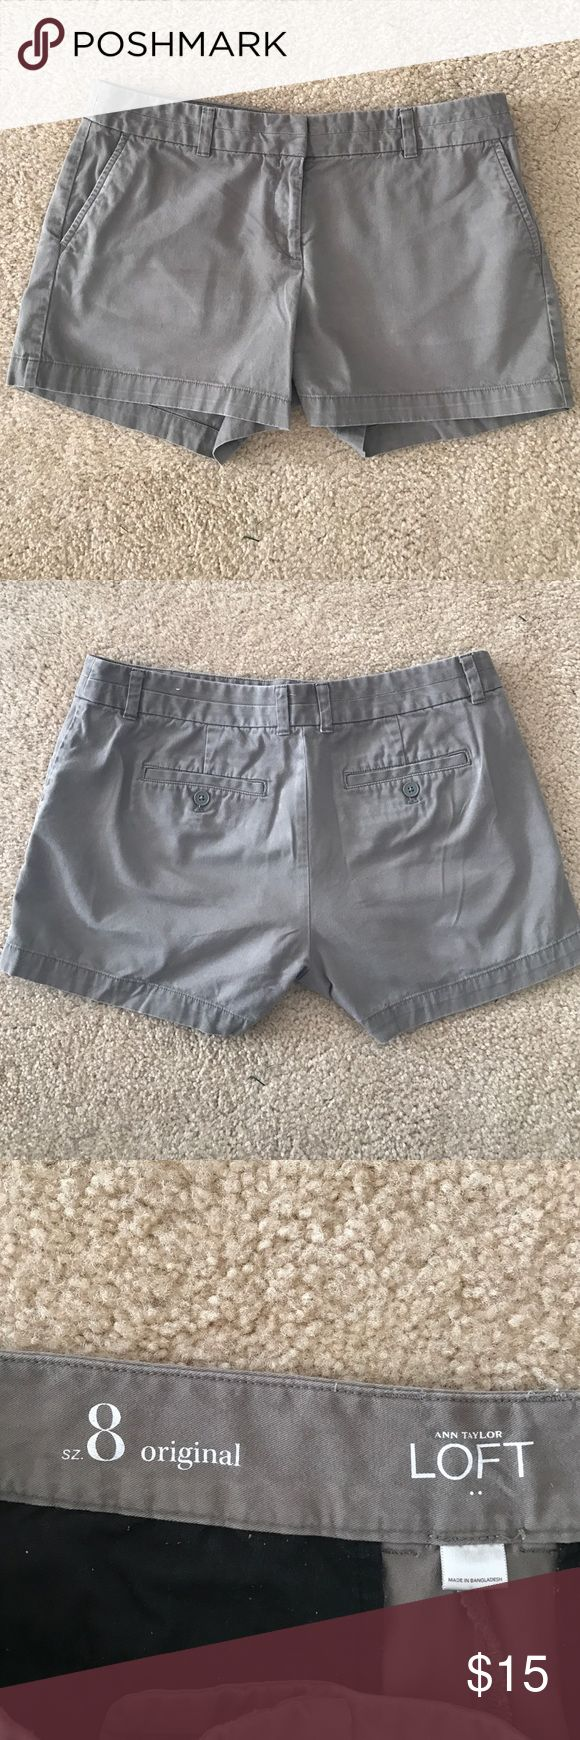 Loft gray shorts Size 8 gray shorts LOFT Shorts